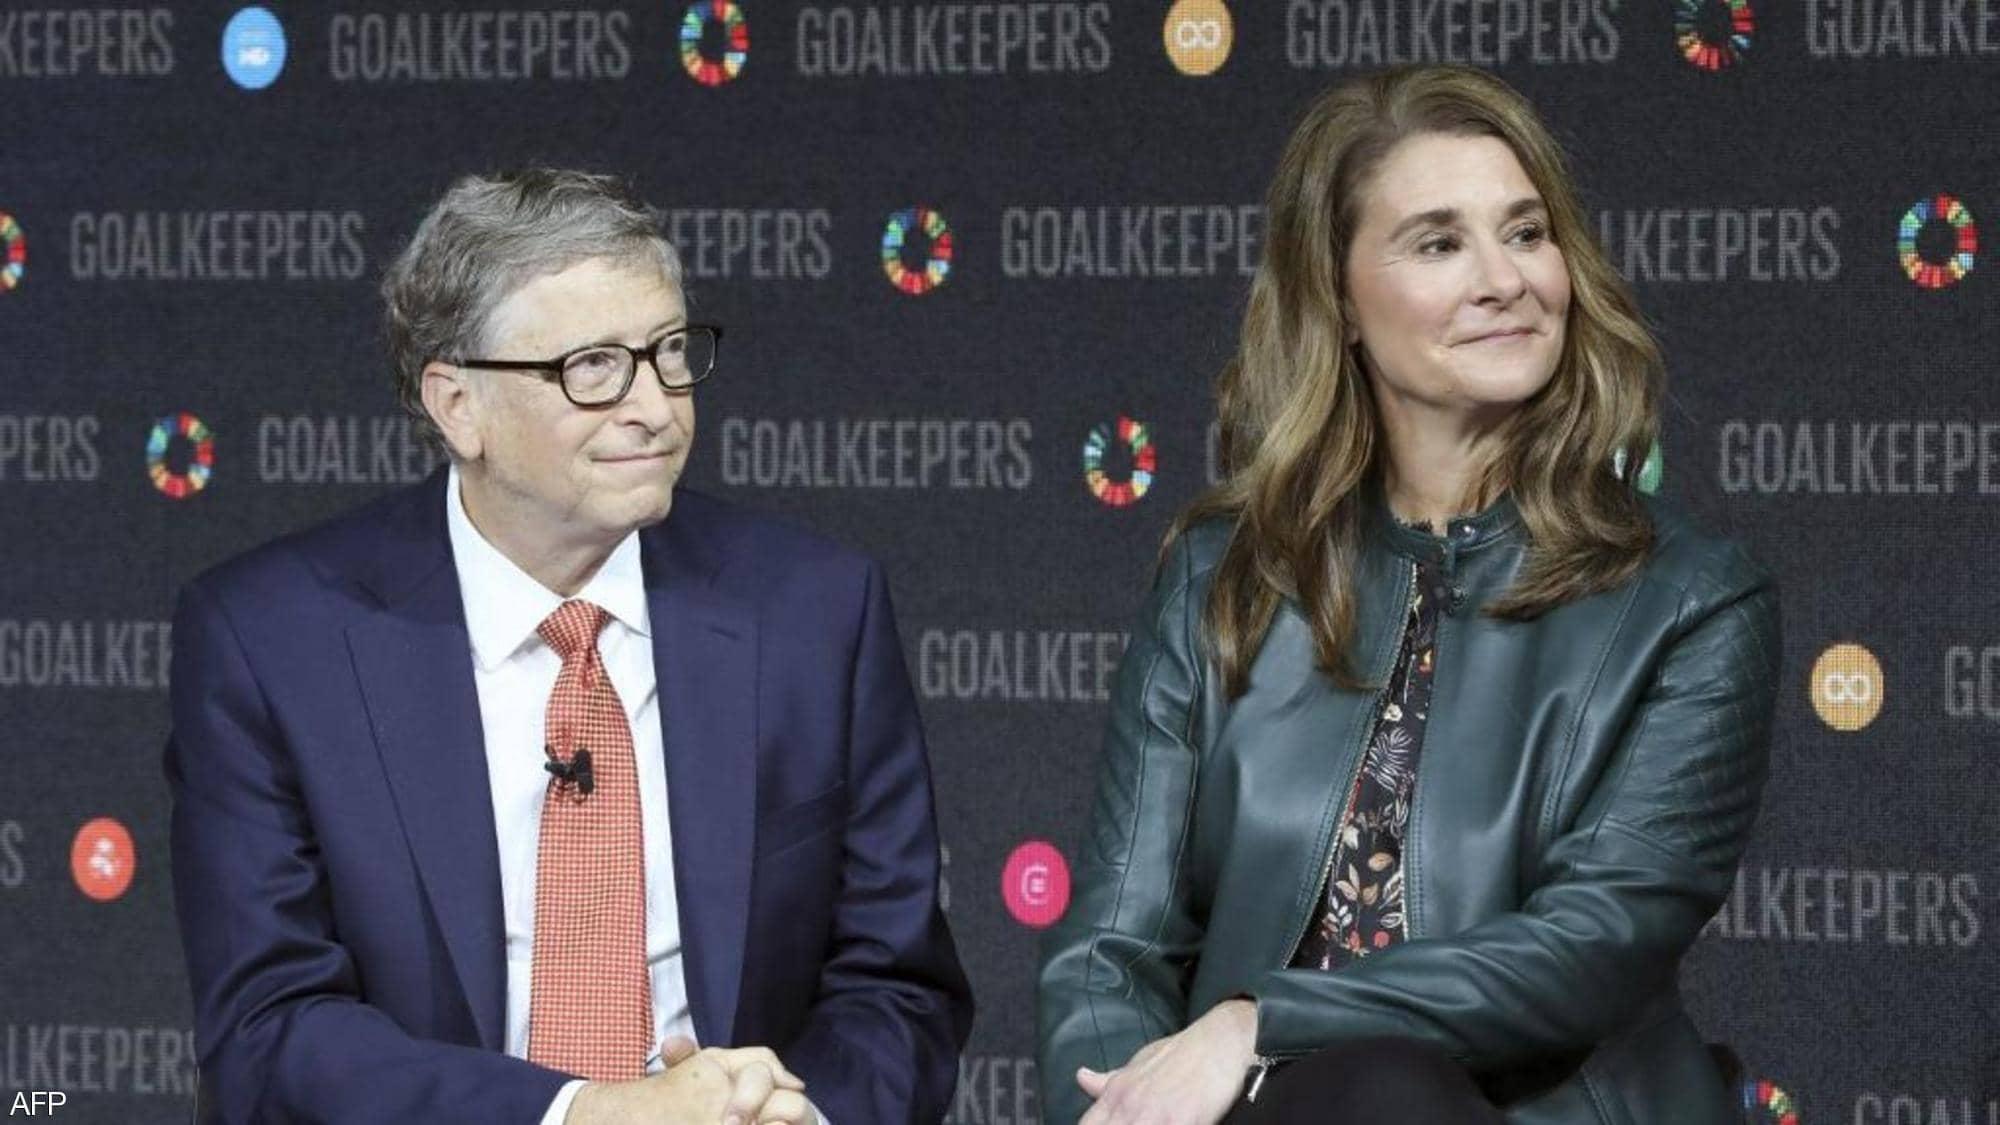 سؤال يُحير العالم  ..  أين ستذهب الـ 146 مليار دولار بعد طلاق بيل غيتس من زوجته ؟